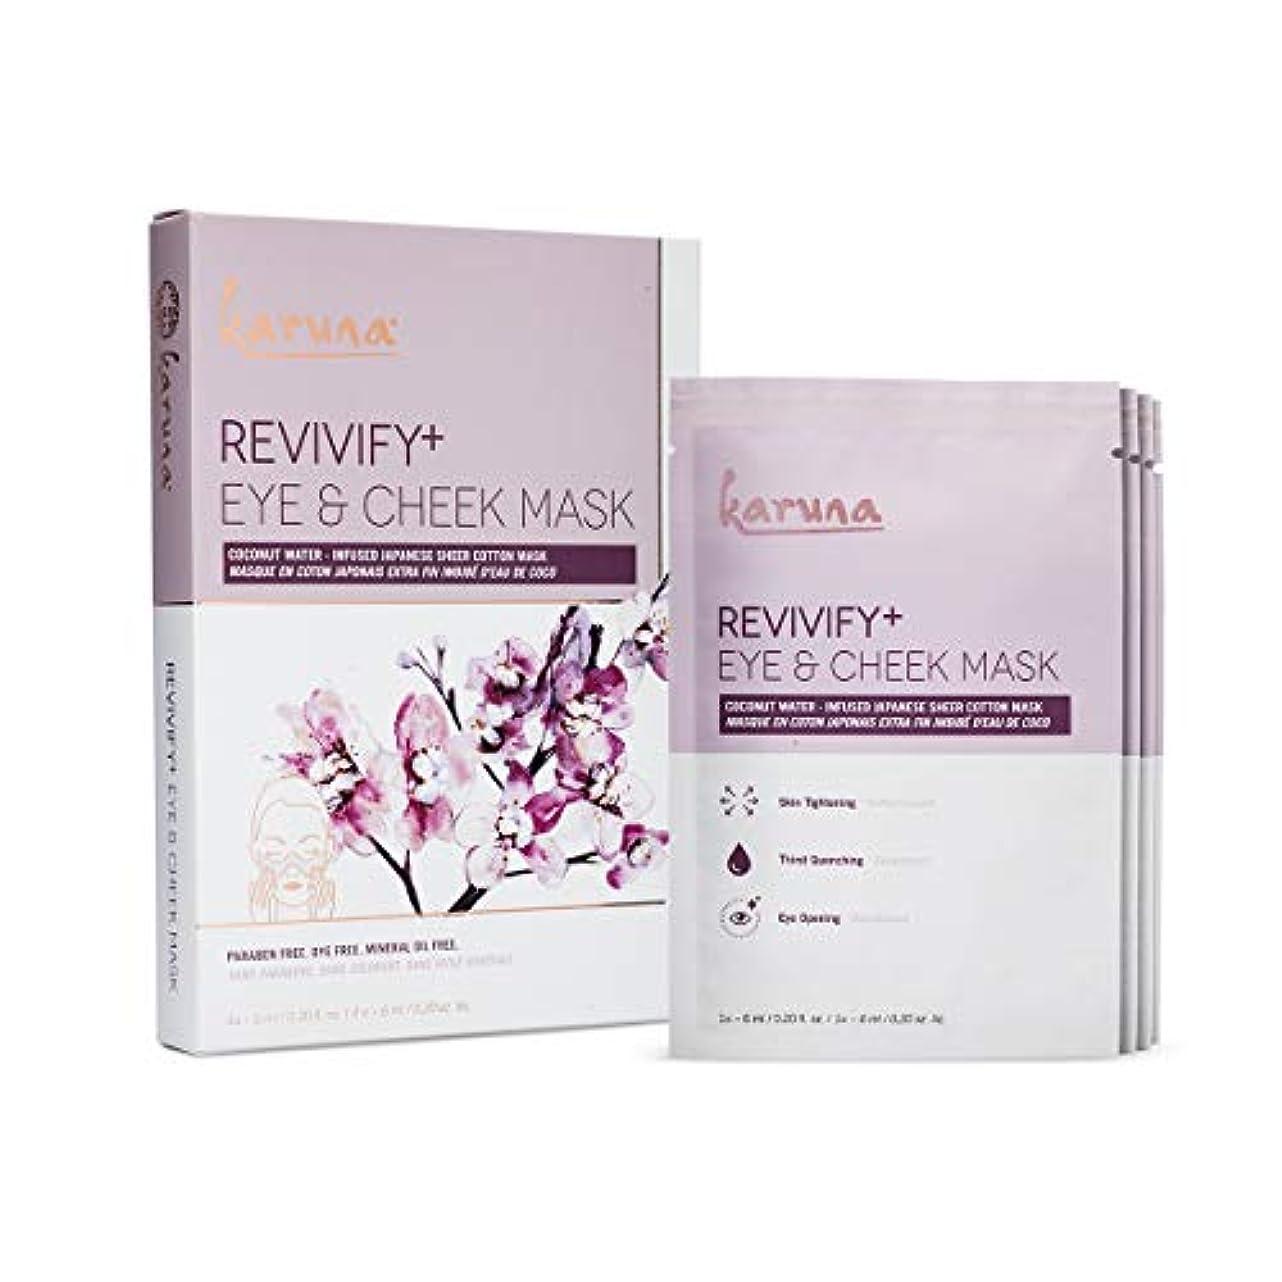 コミュニケーション応じる分配しますKaruna Revivify+ Eye & Cheek Mask 4sheets並行輸入品